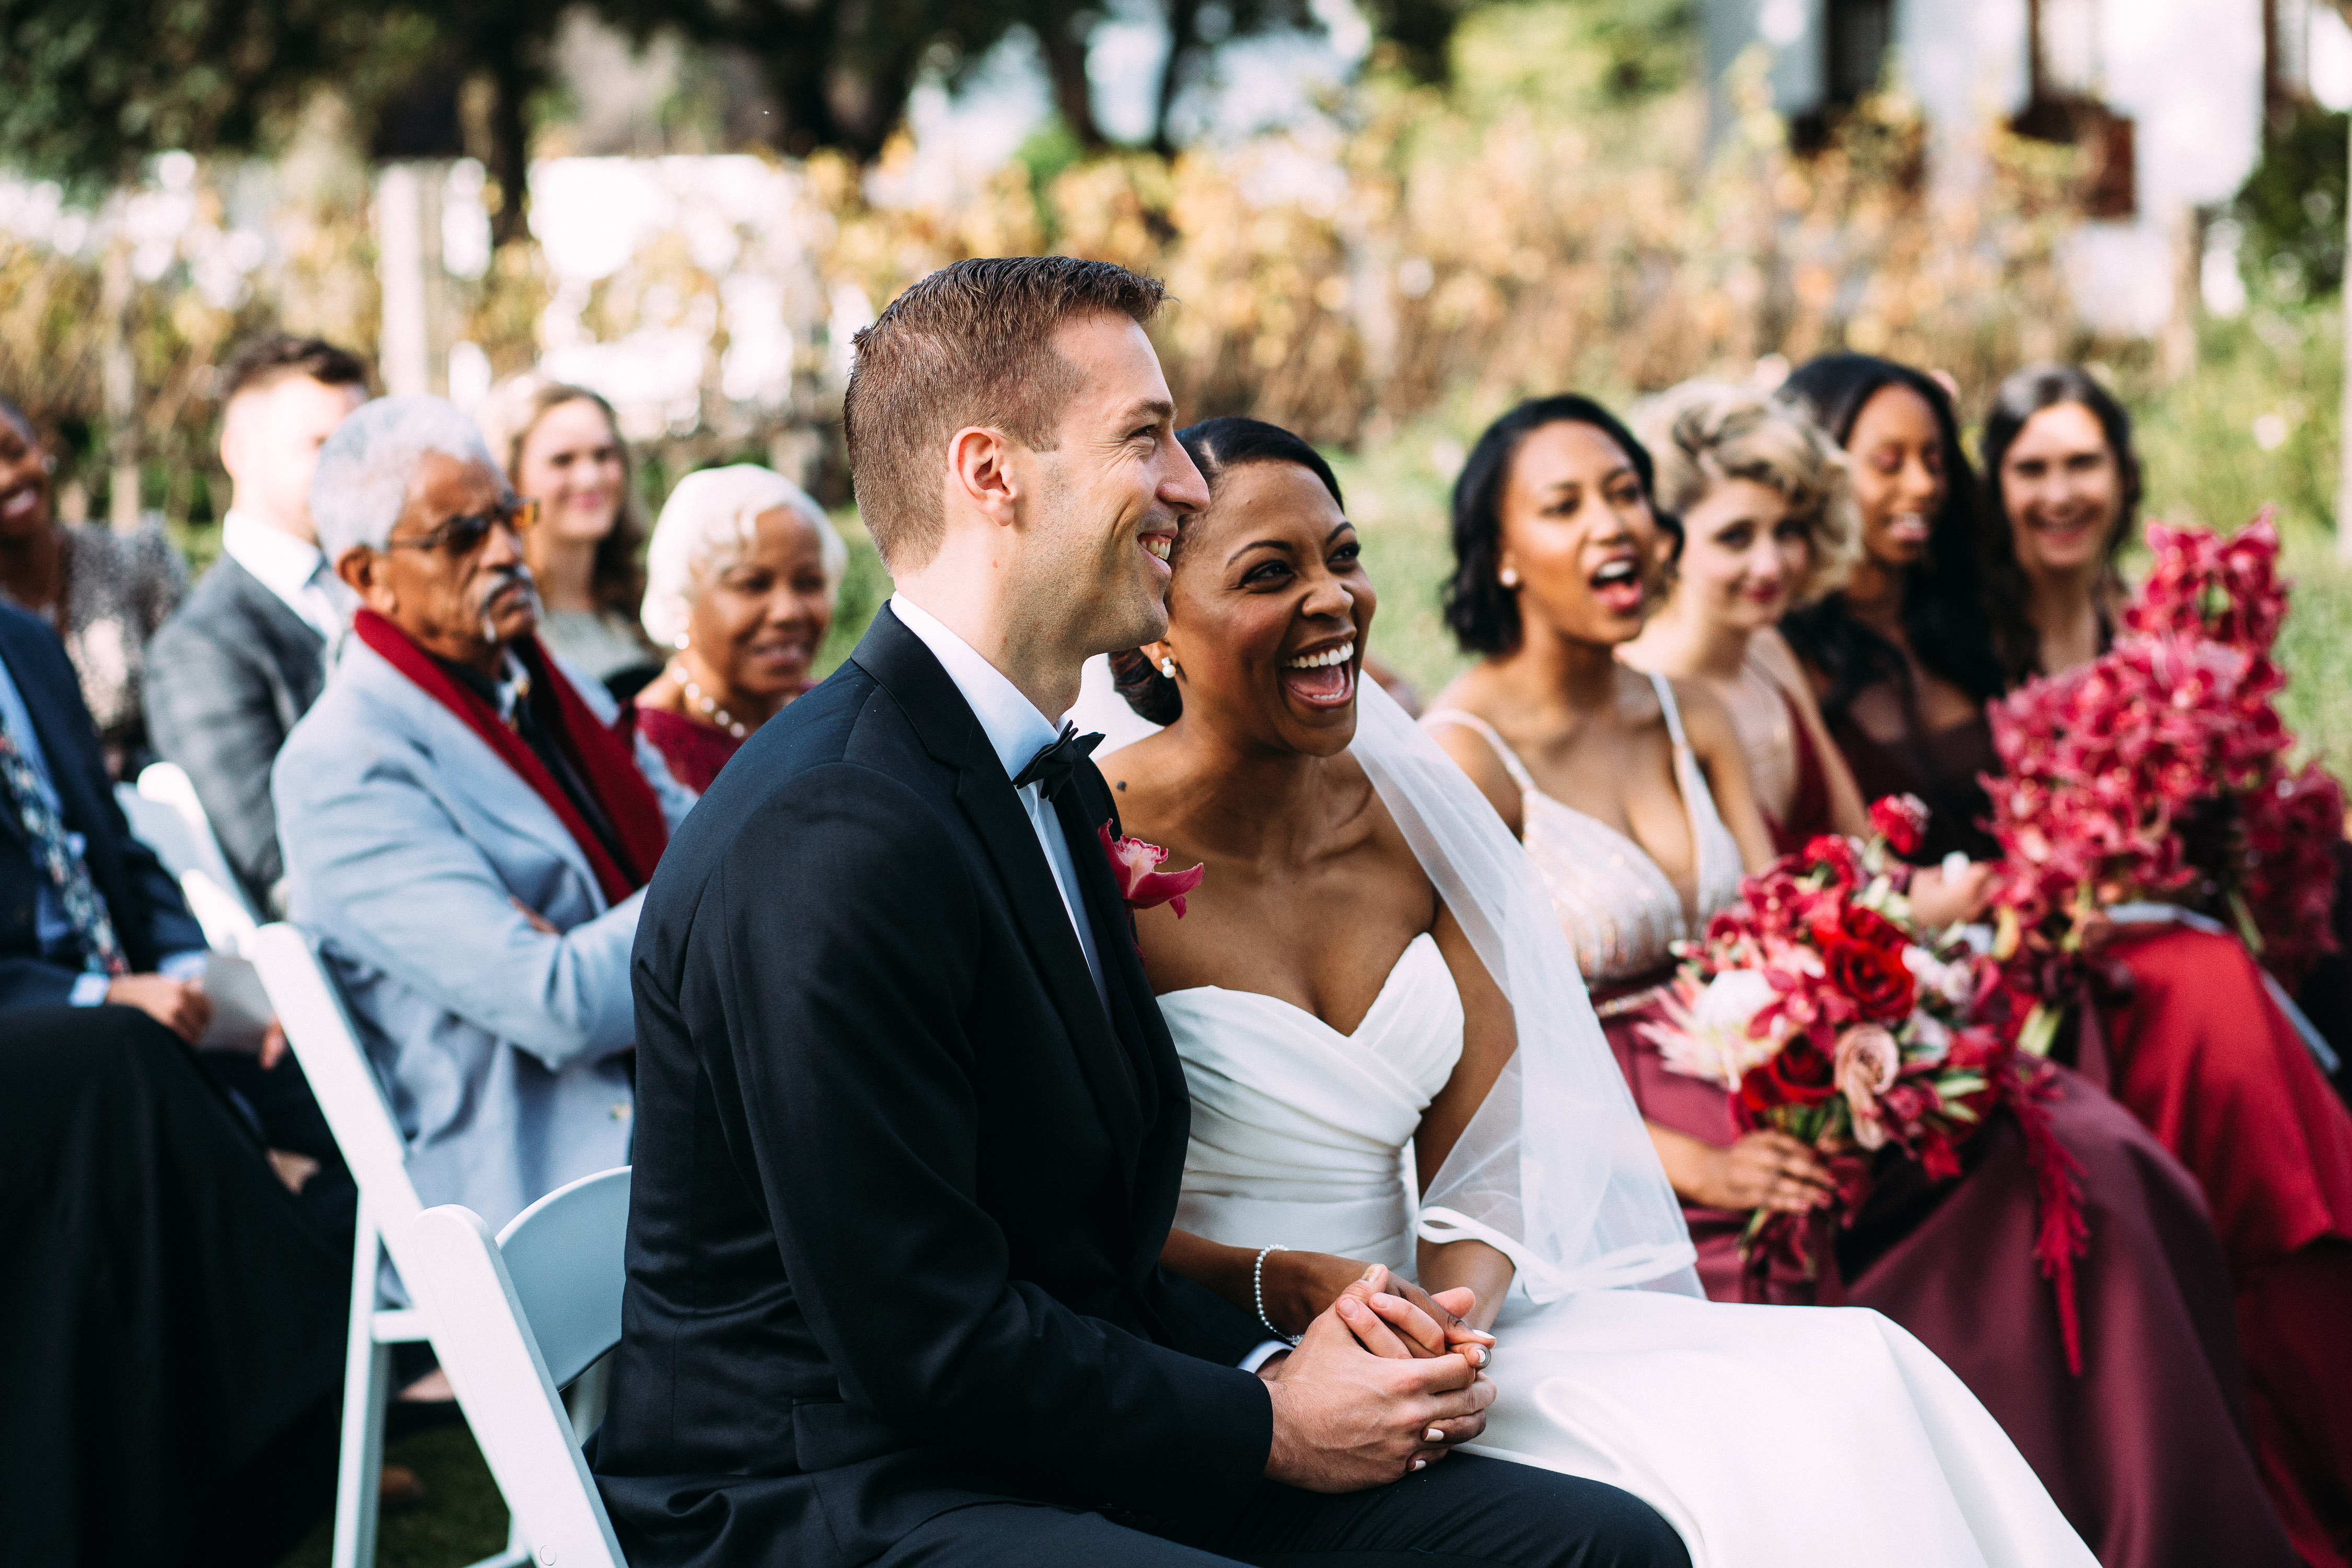 yolana douglas wedding ceremony couple seated laughing